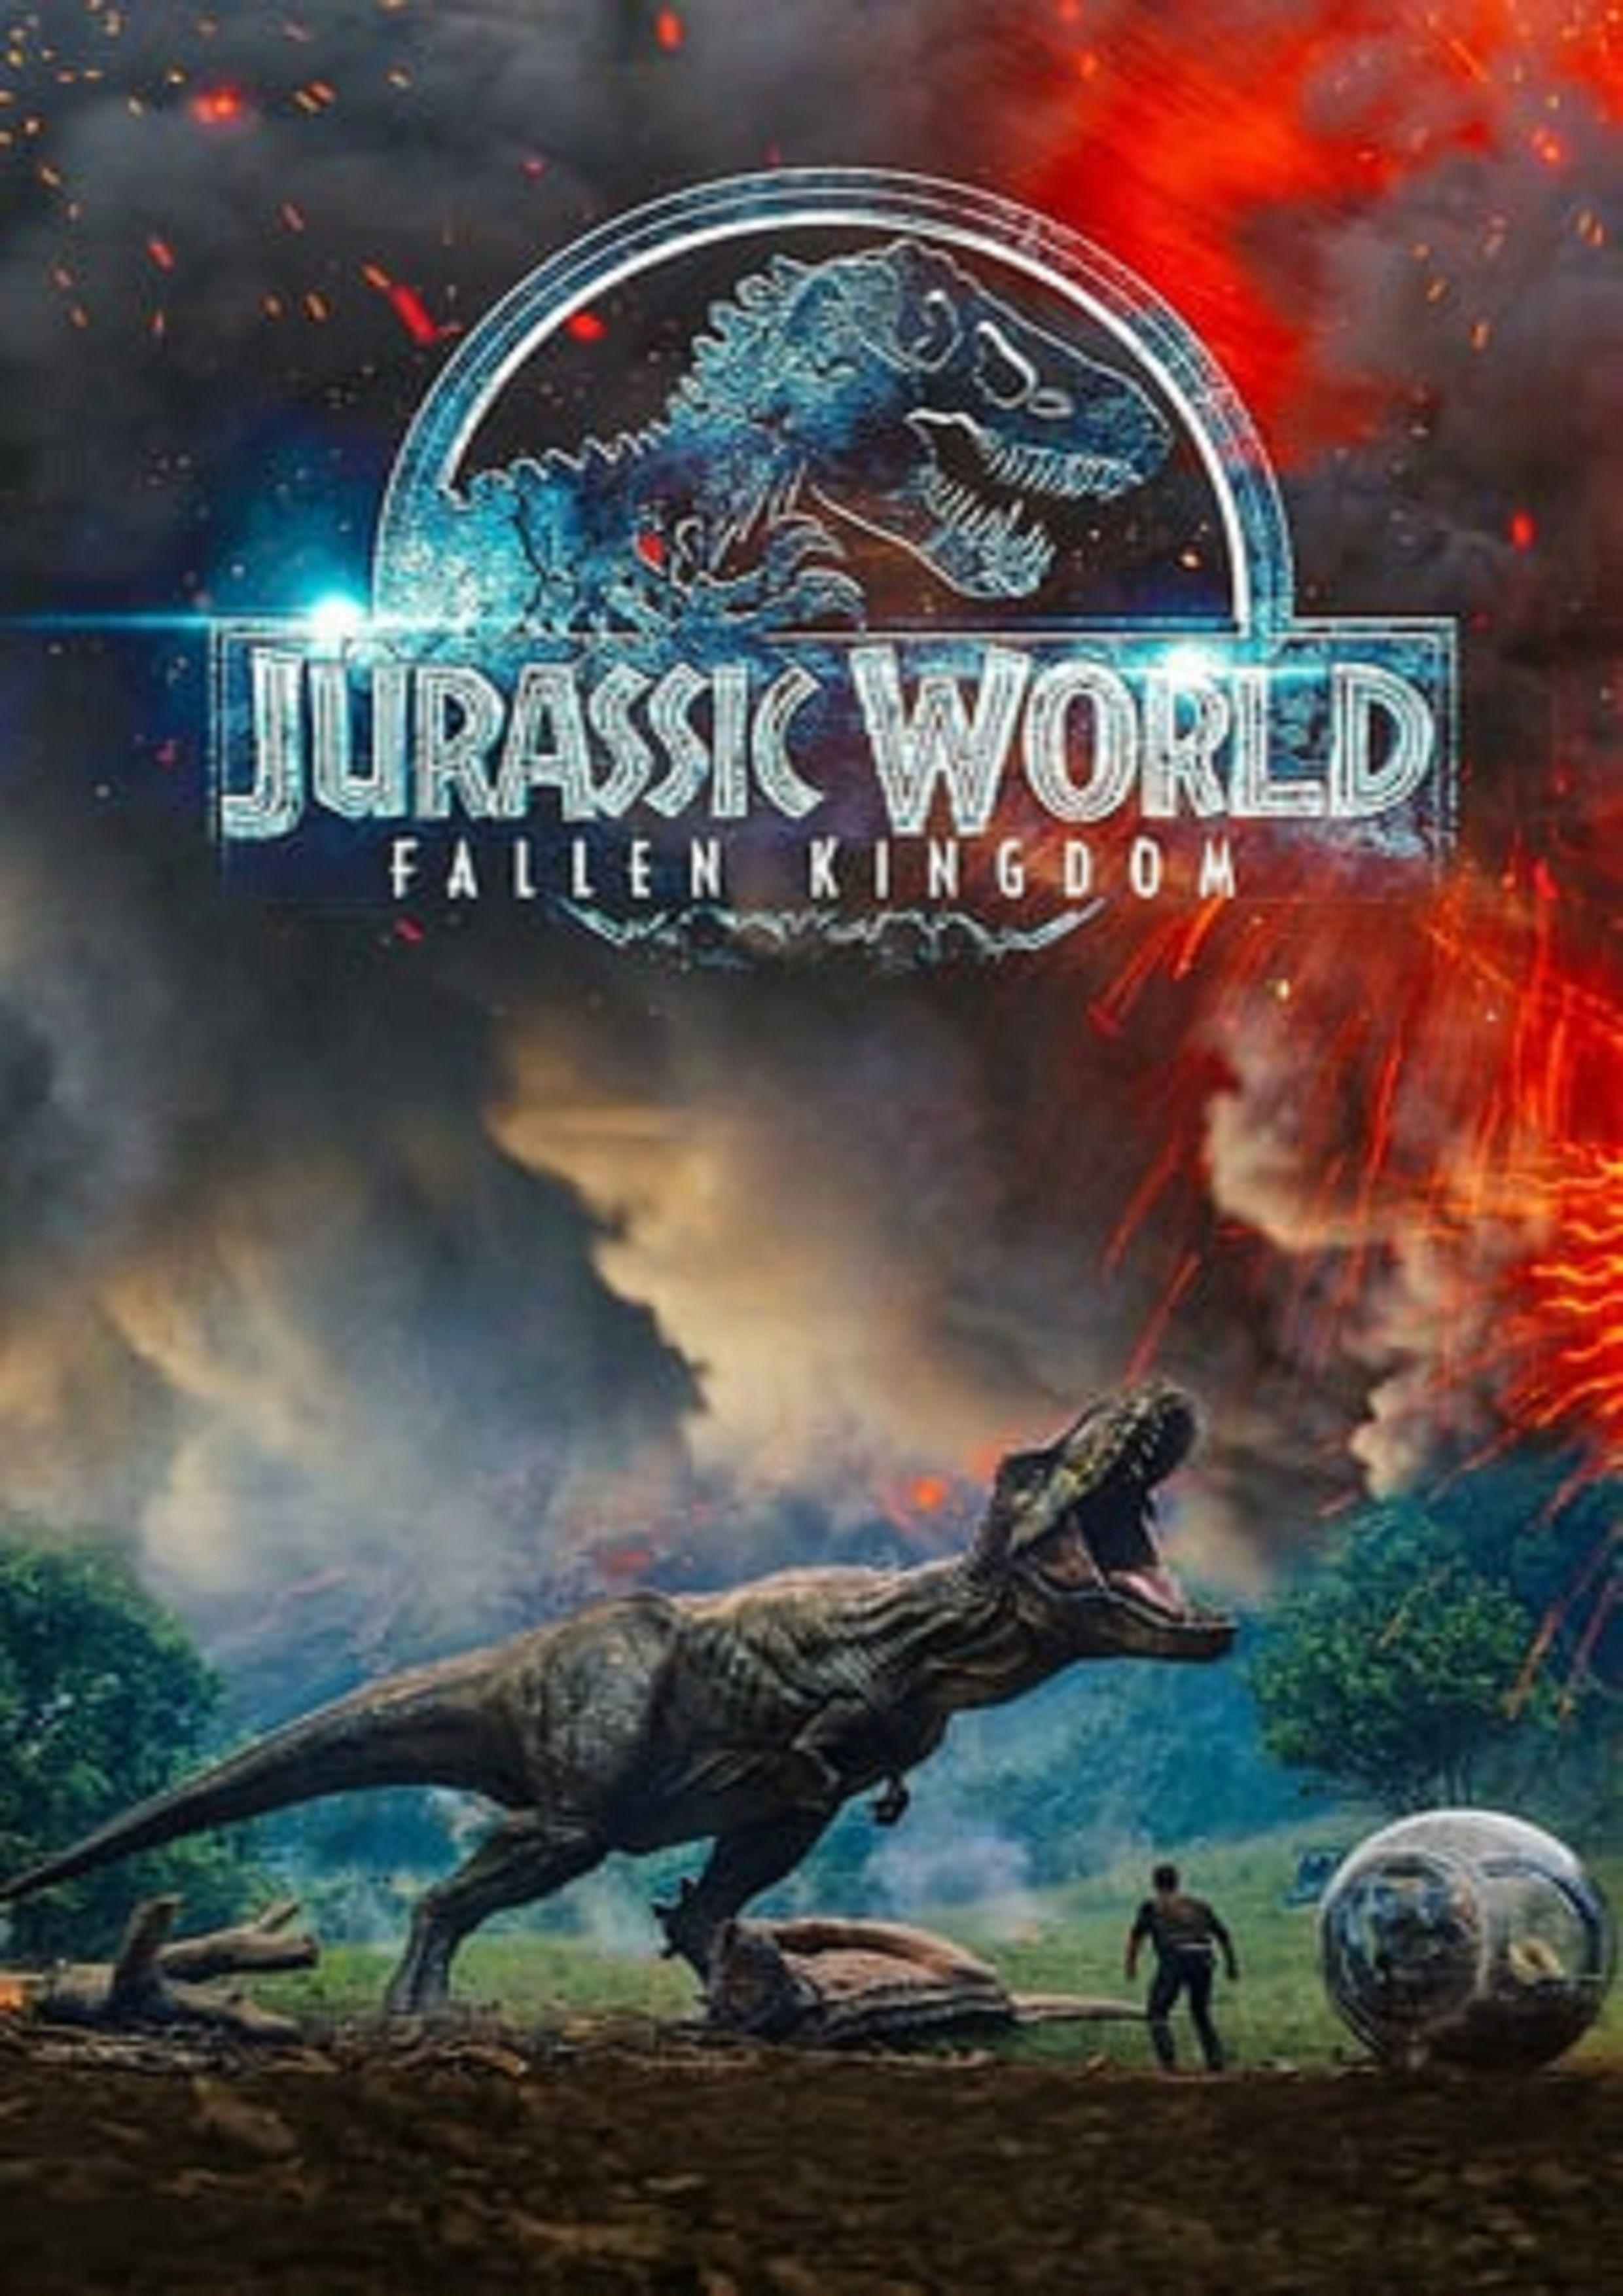 Jurassic World: Fallen Kingdom (2018) Movie Download Jurassic World: Fallen Kingdom (2018) Full HD… | Kingdom movie, Jurassic world fallen kingdom, Falling kingdoms